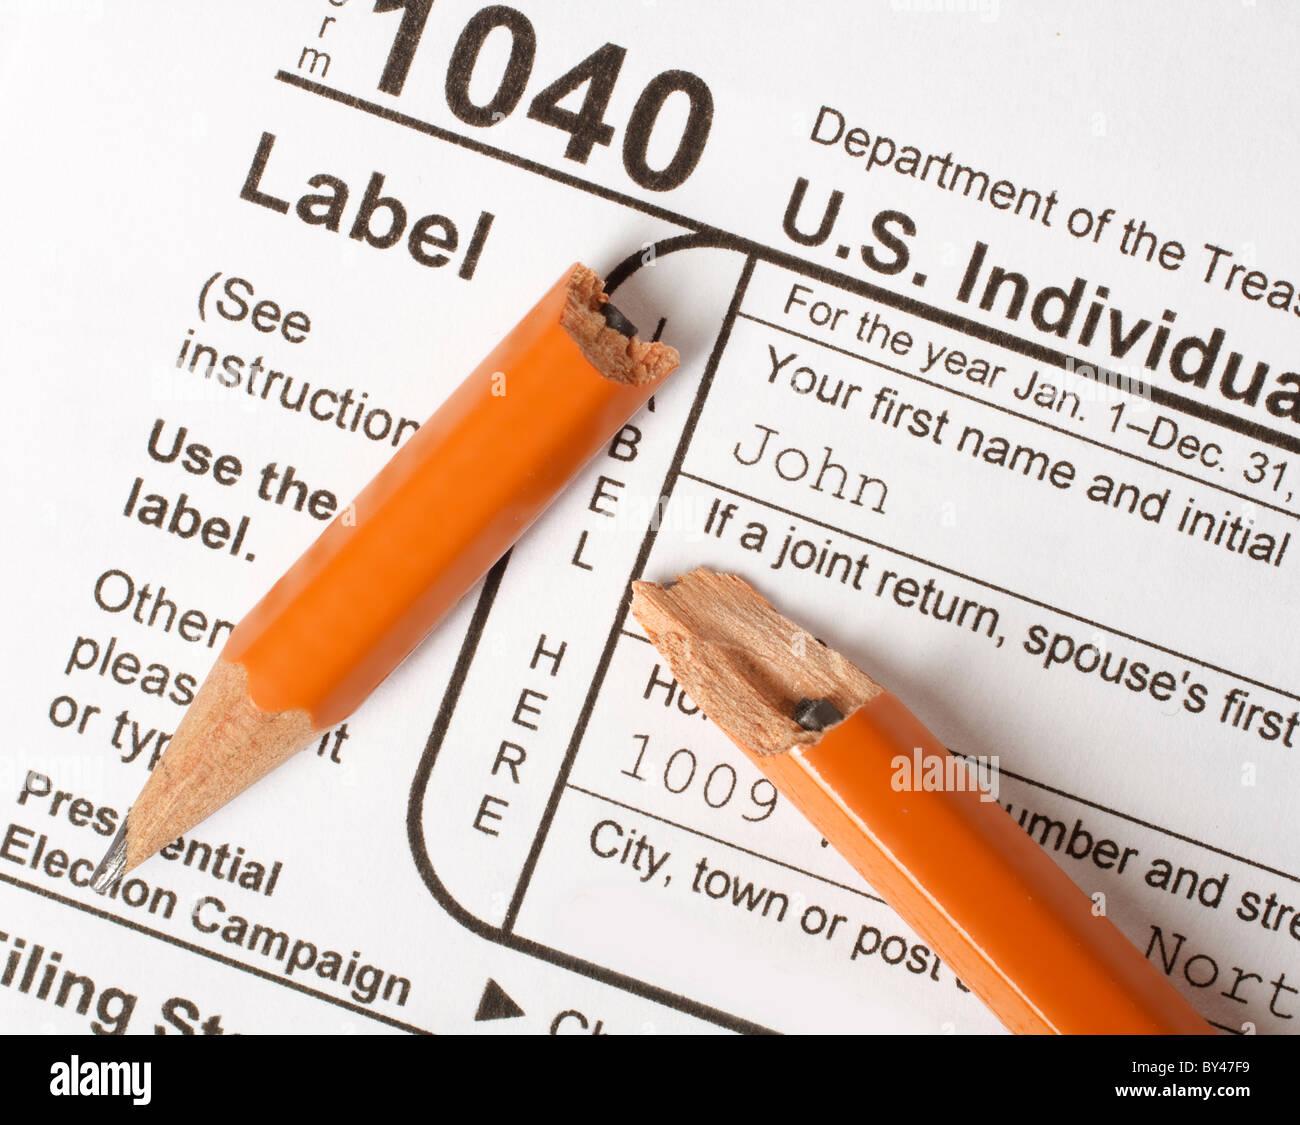 Crayon cassé sur un formulaire d'impôt fédéral de 1040 illustrant la notion de contribuable Photo Stock